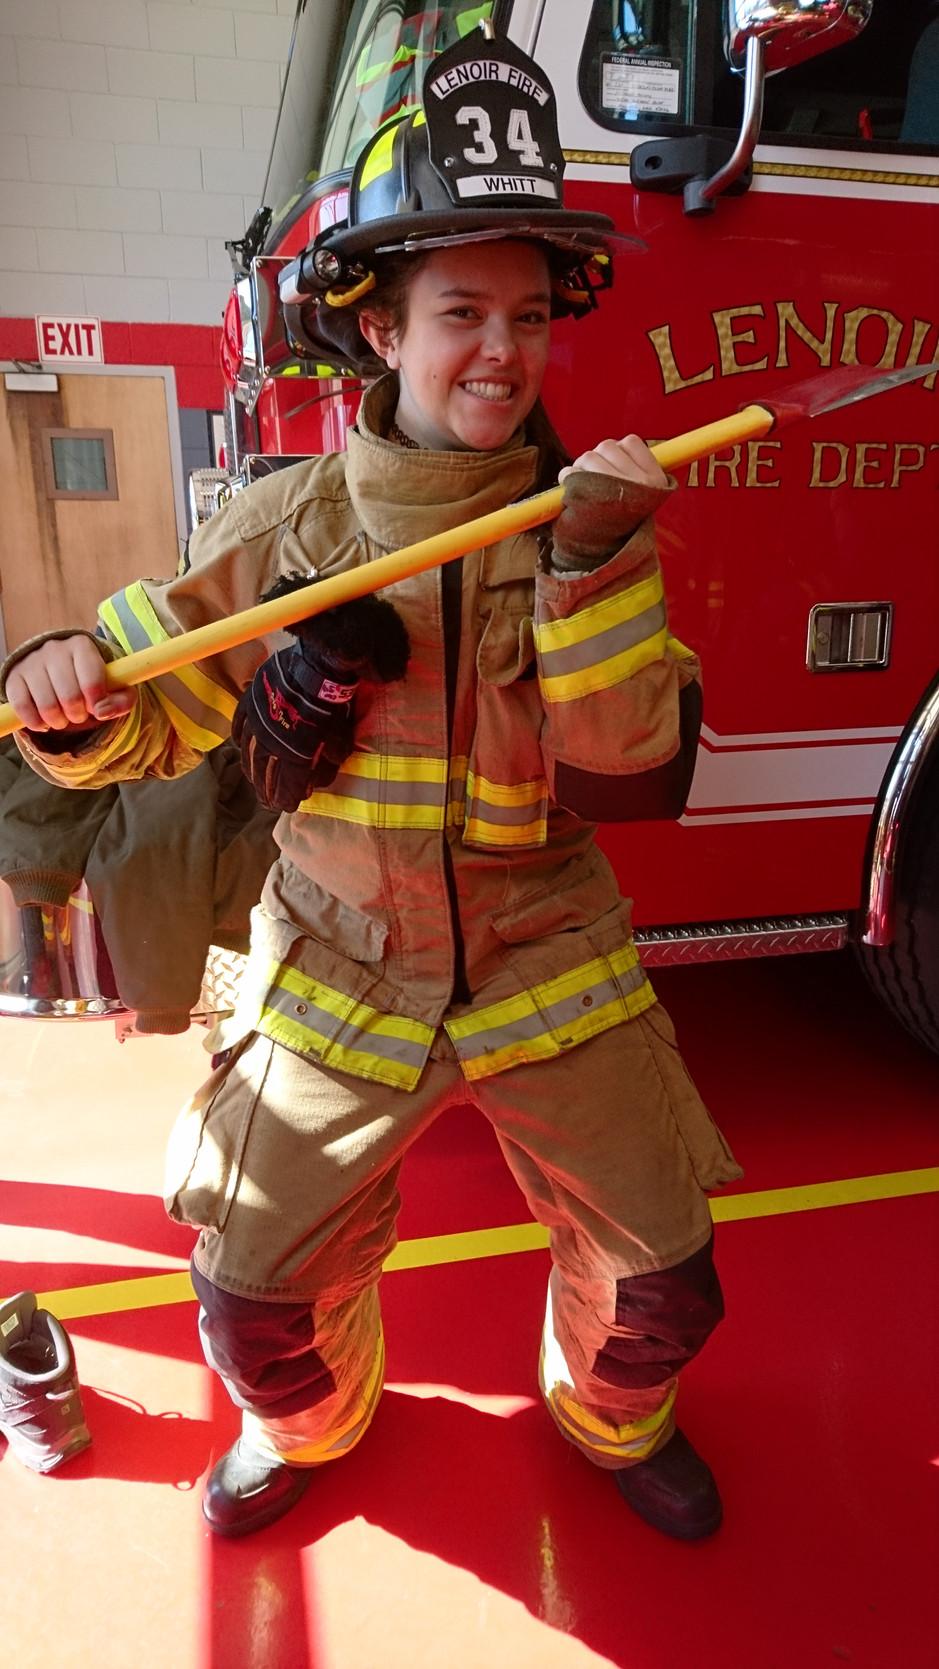 Donnerstag, 16.03.17 - Charlie Frye, Feuerwehr und NCSD Abend #Mayra